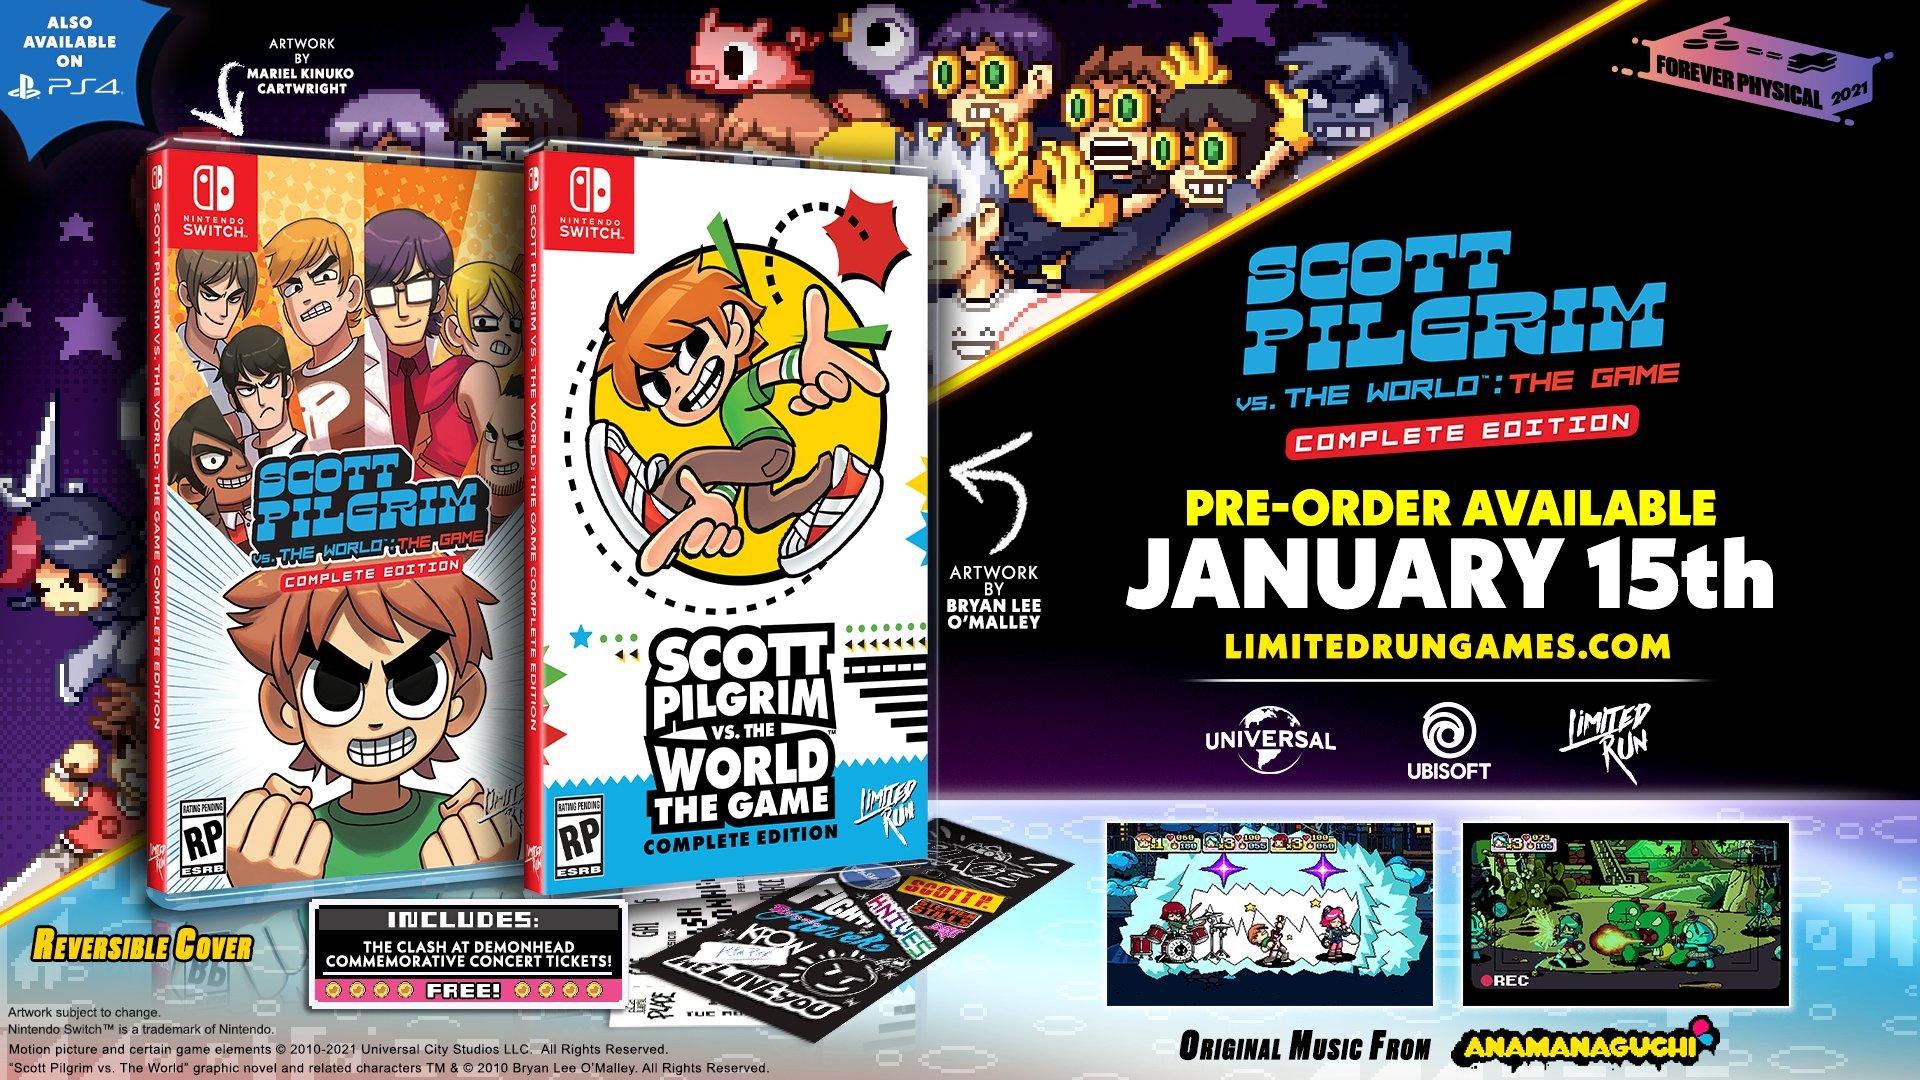 育碧《歪小子斯科特对抗全世界完全版》推出限量实体版